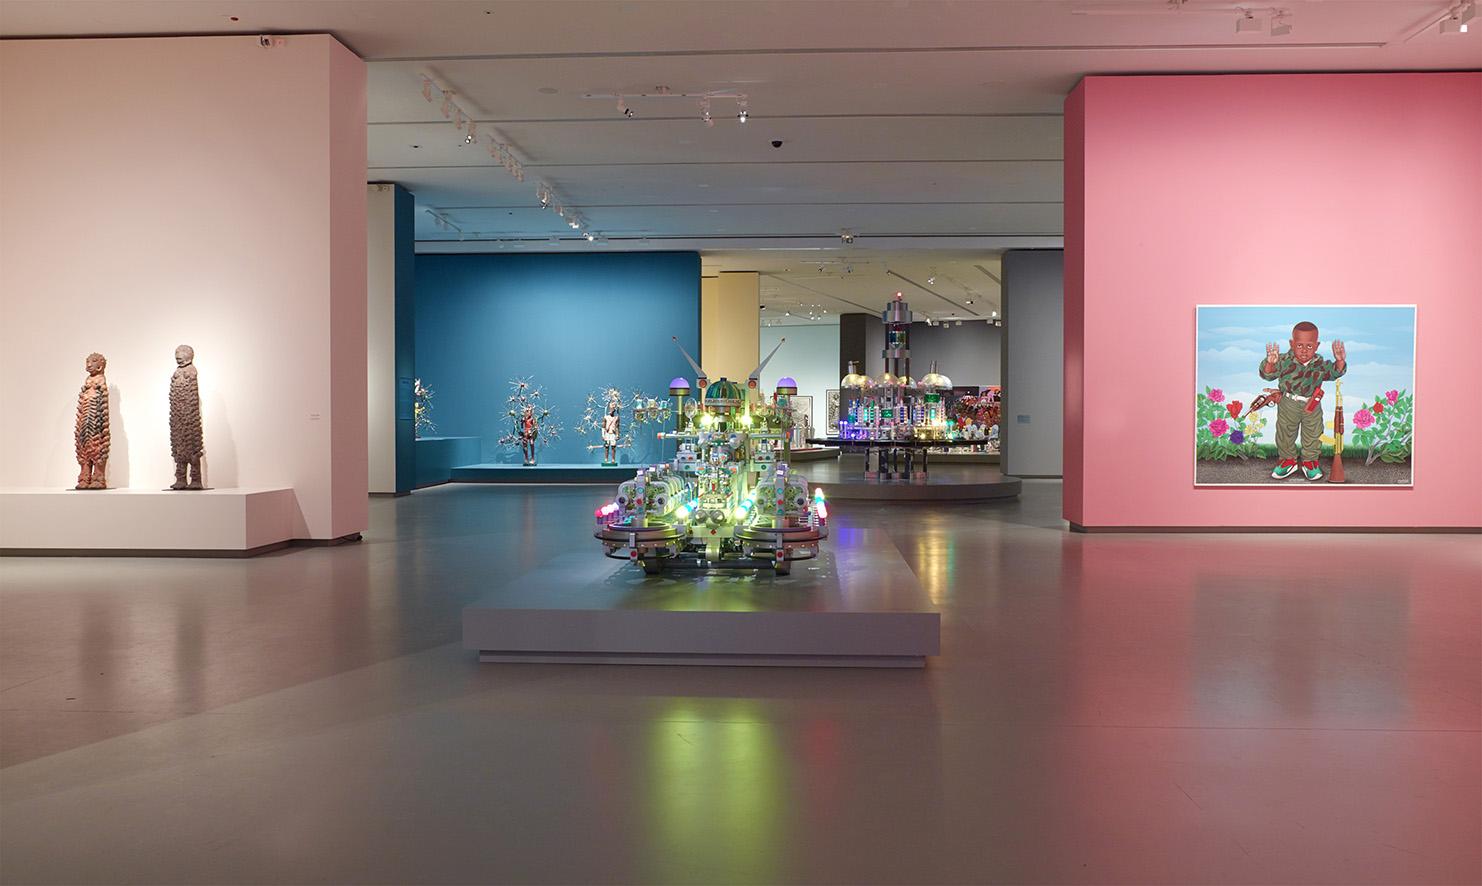 LES INTIÉS_Vue d'installation de l'exposition_2_photo ©Fondation Louis Vuitton - Marc Domage.jpg